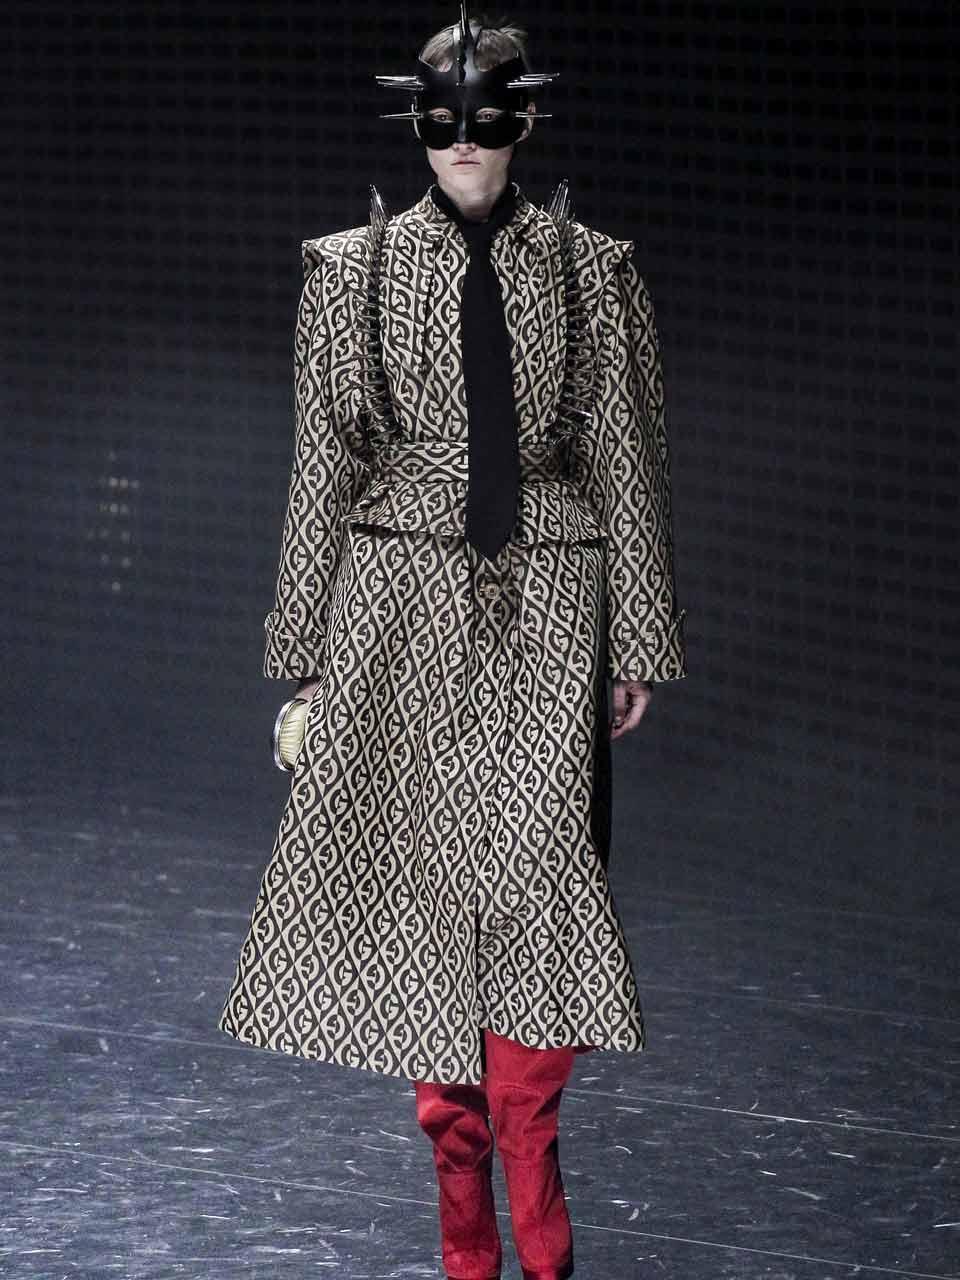 Défilé Gucci automne-hiver 19/20